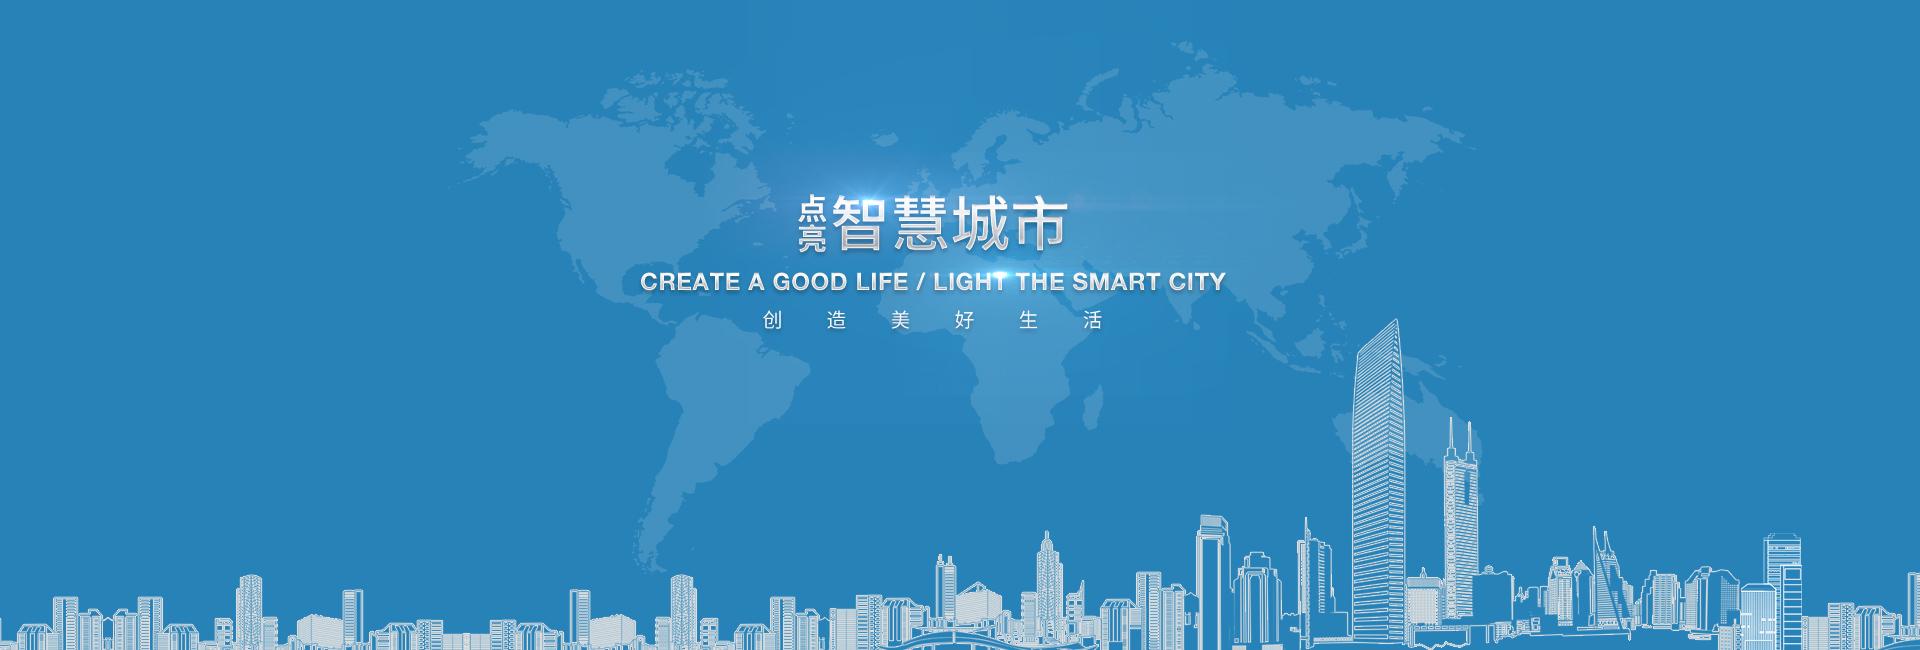 点亮智慧城市